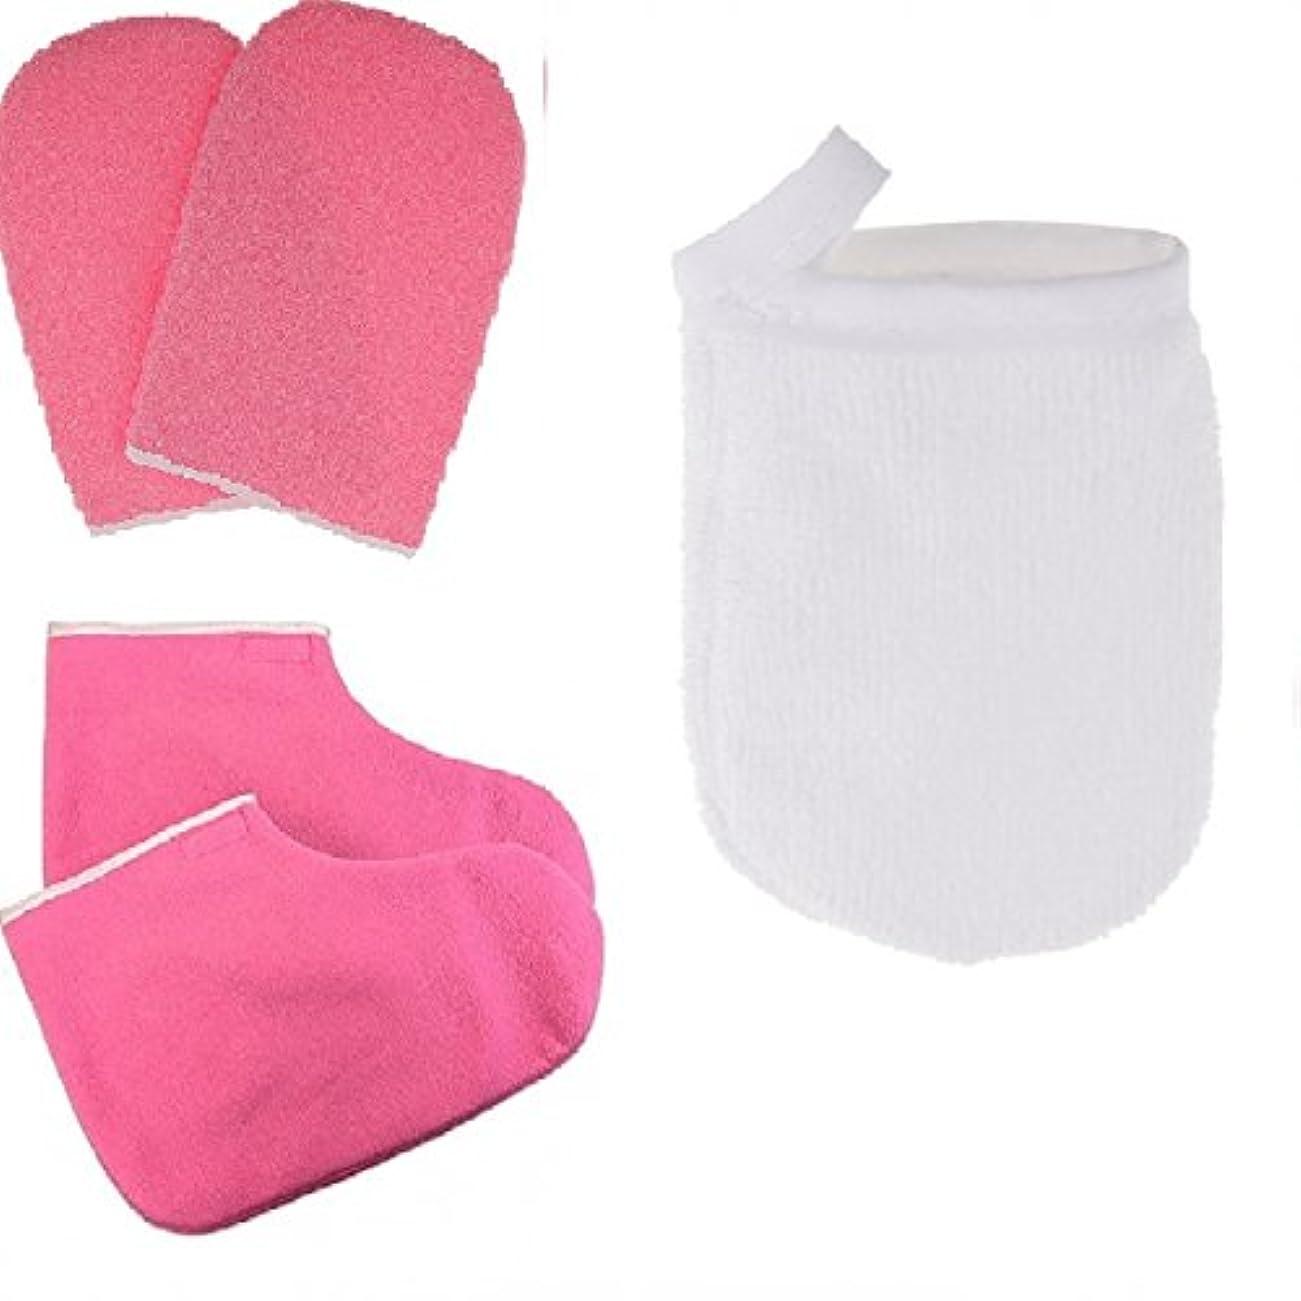 チキンニコチンプランテーションCUTICATE パラフィン蝋手袋およびブーティのスキンケアが付いている表面構造の清潔になる手袋